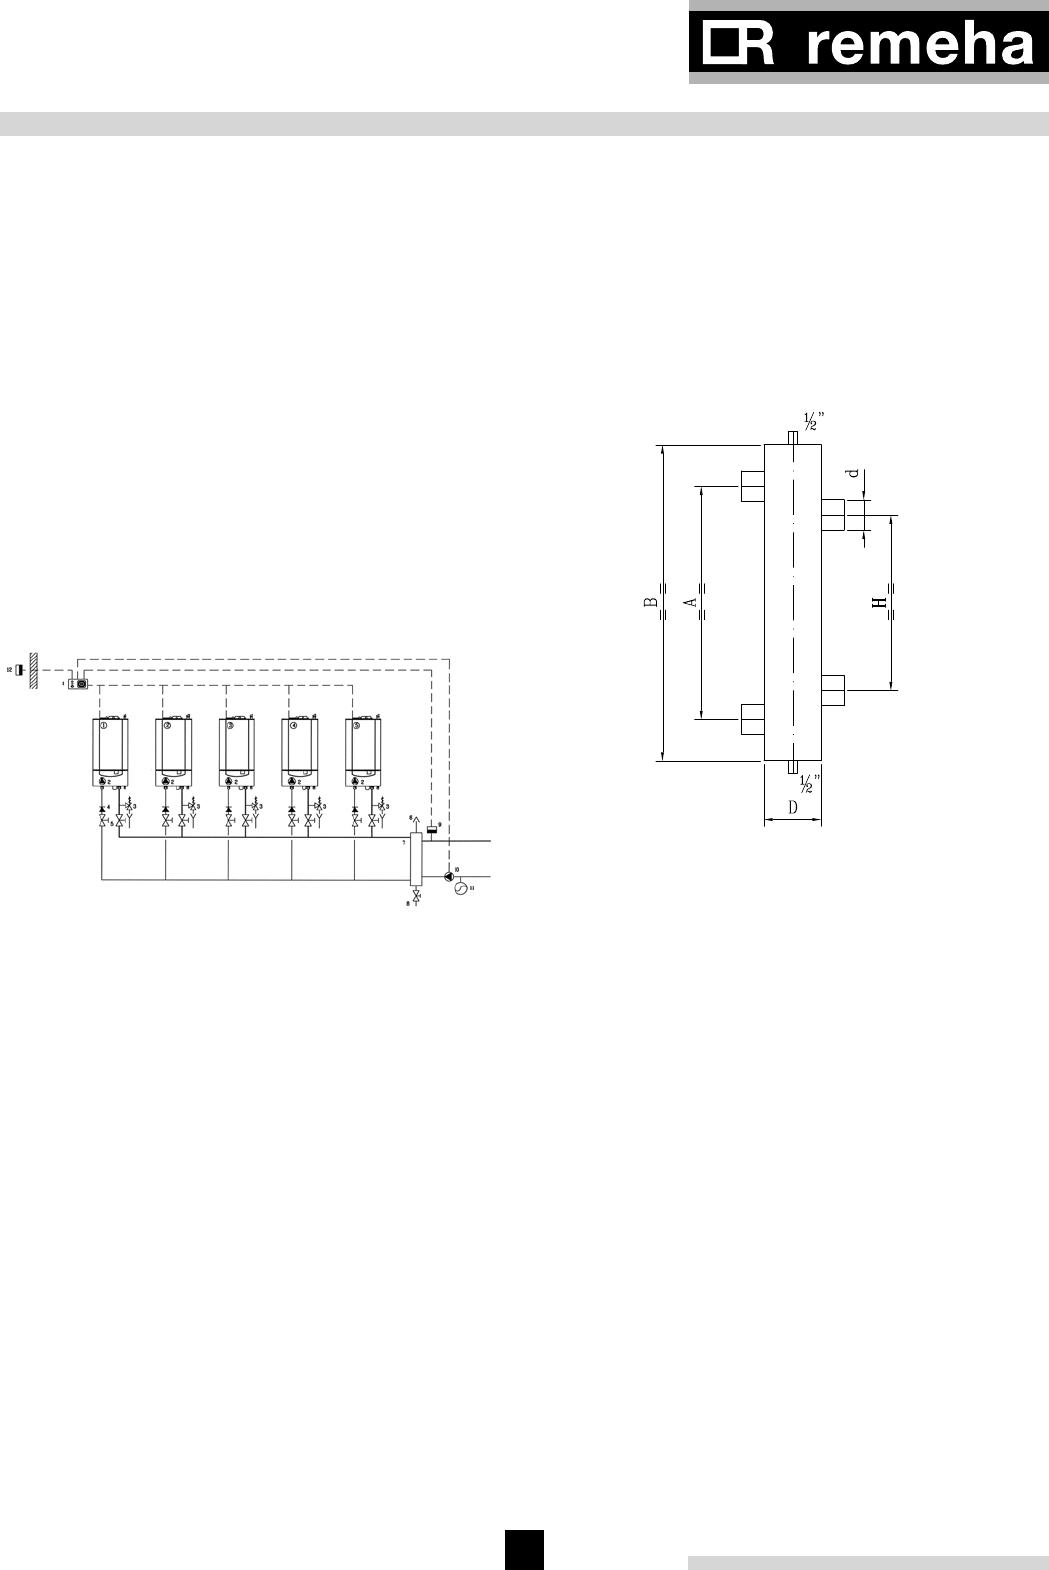 handleiding remeha cascade systeem  pagina 33 van 52